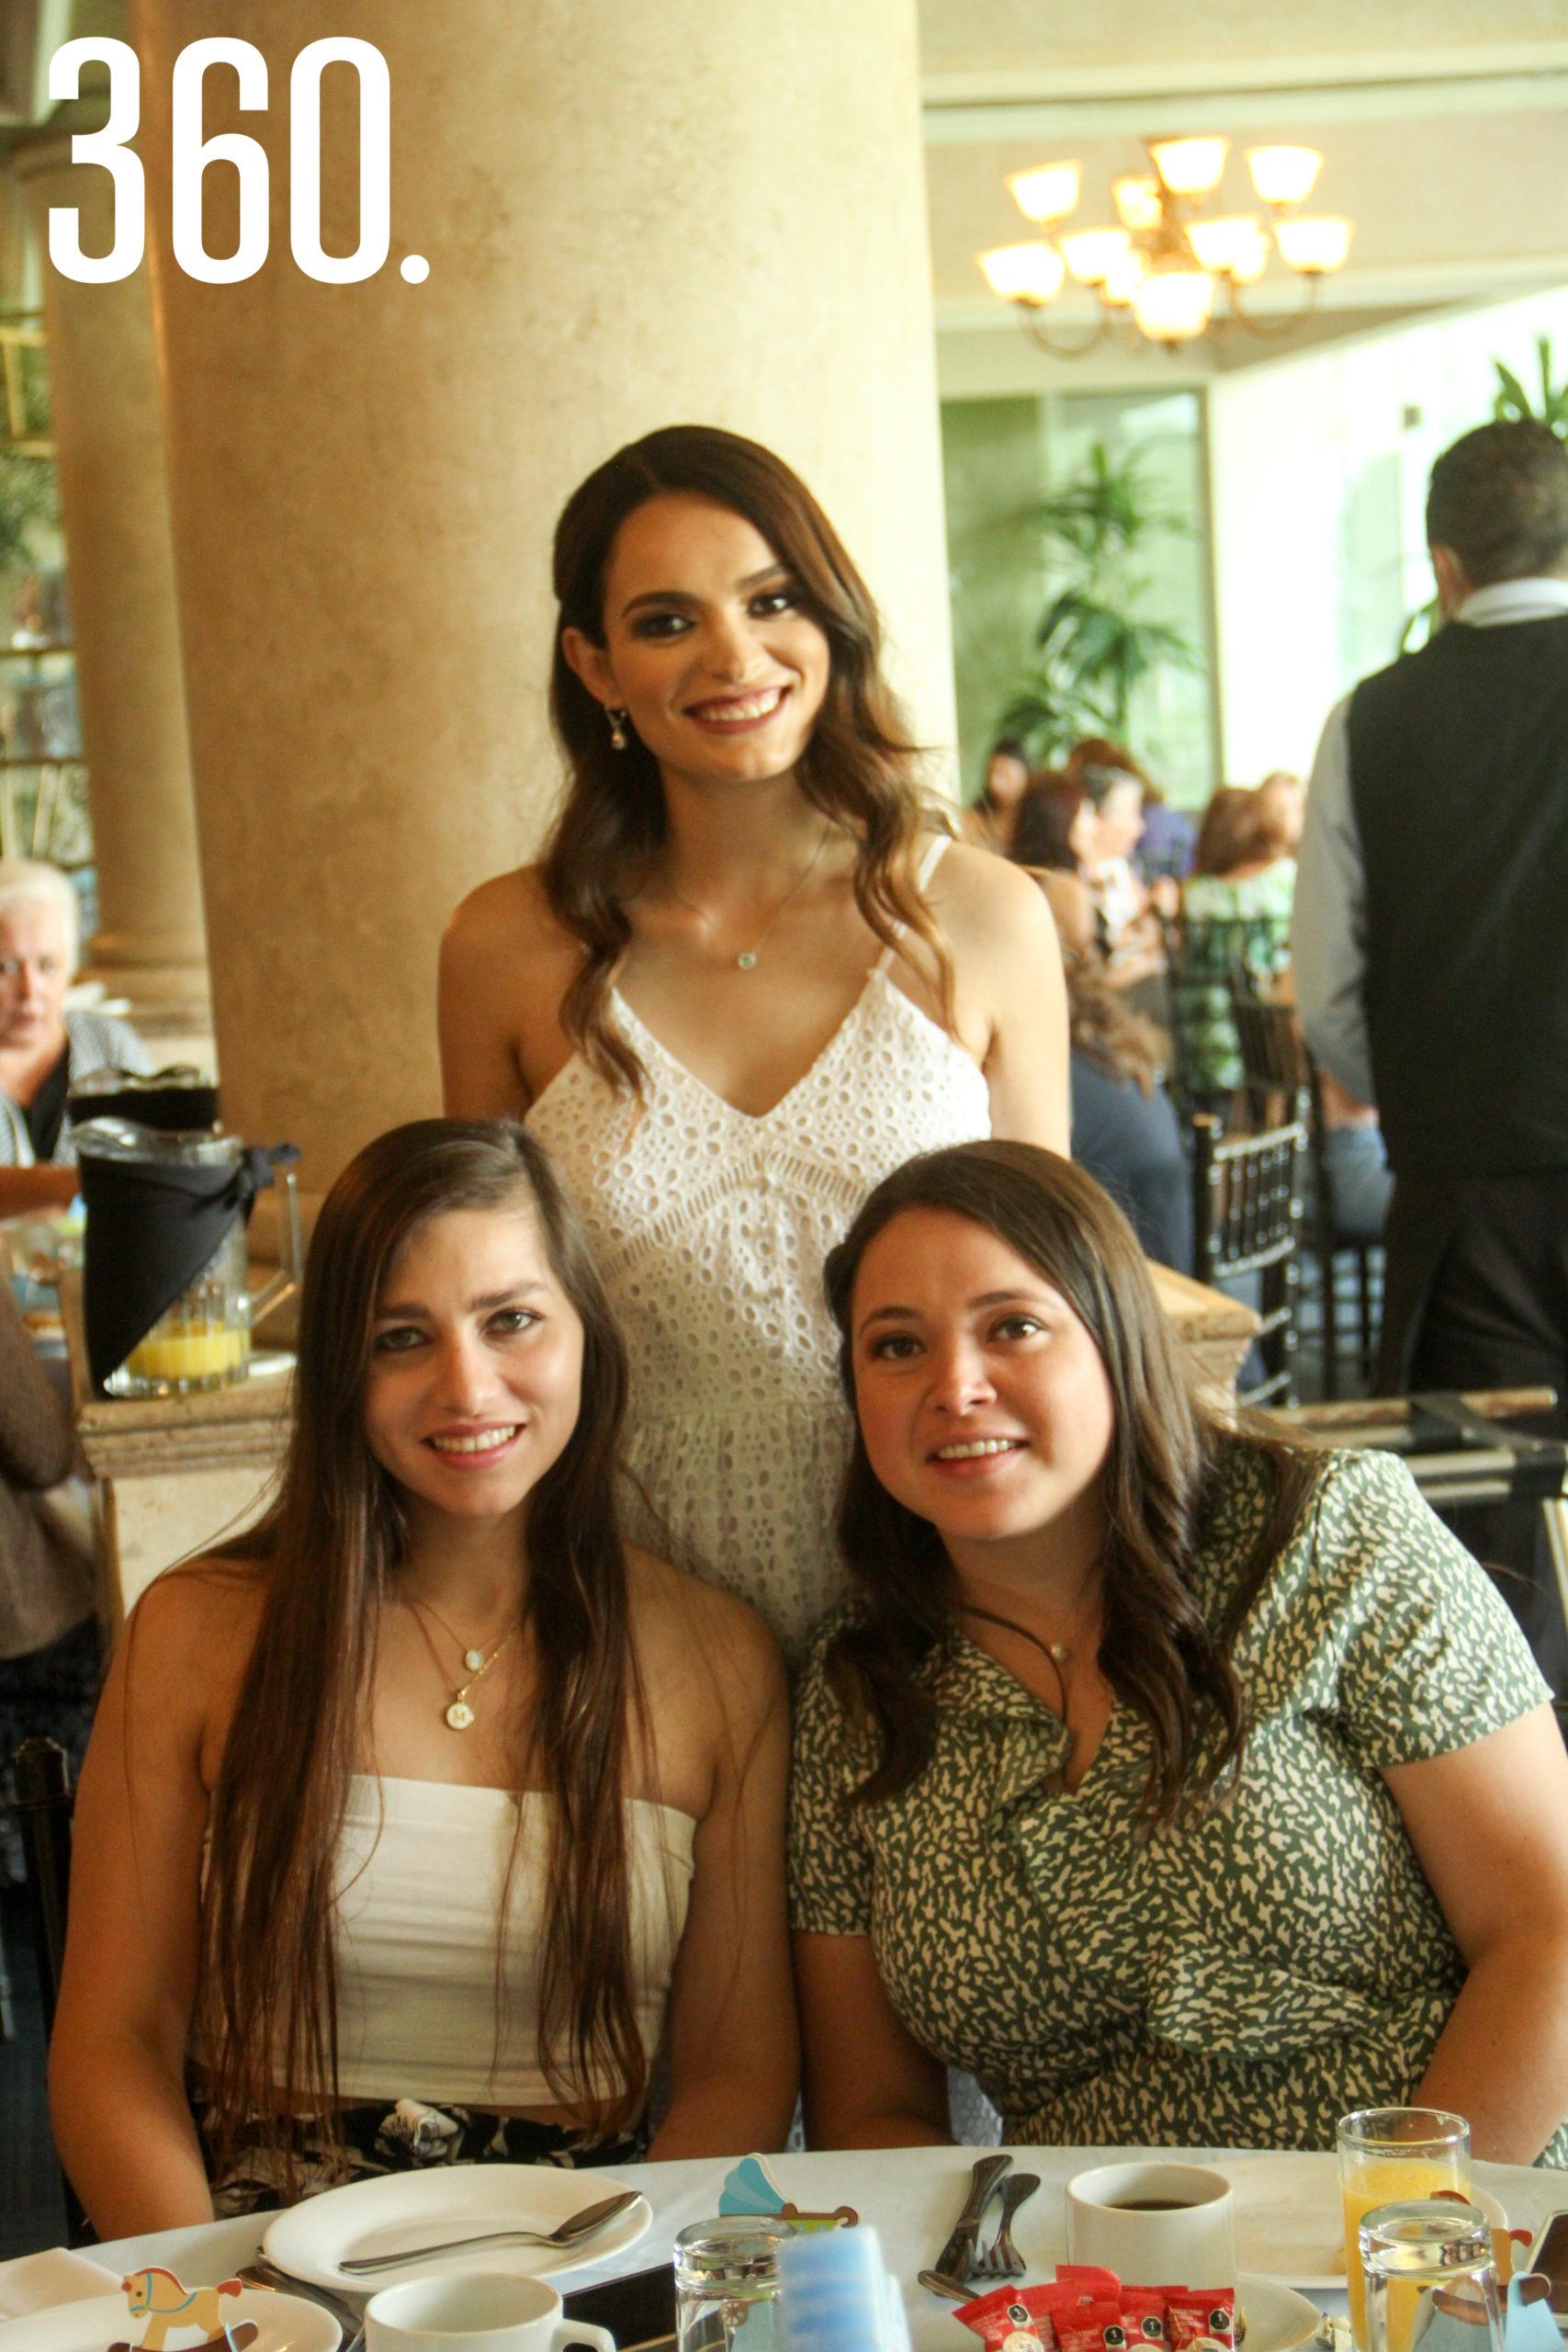 Amparo de las Fuentes, Mayra Moreira y Mariale Martínez.